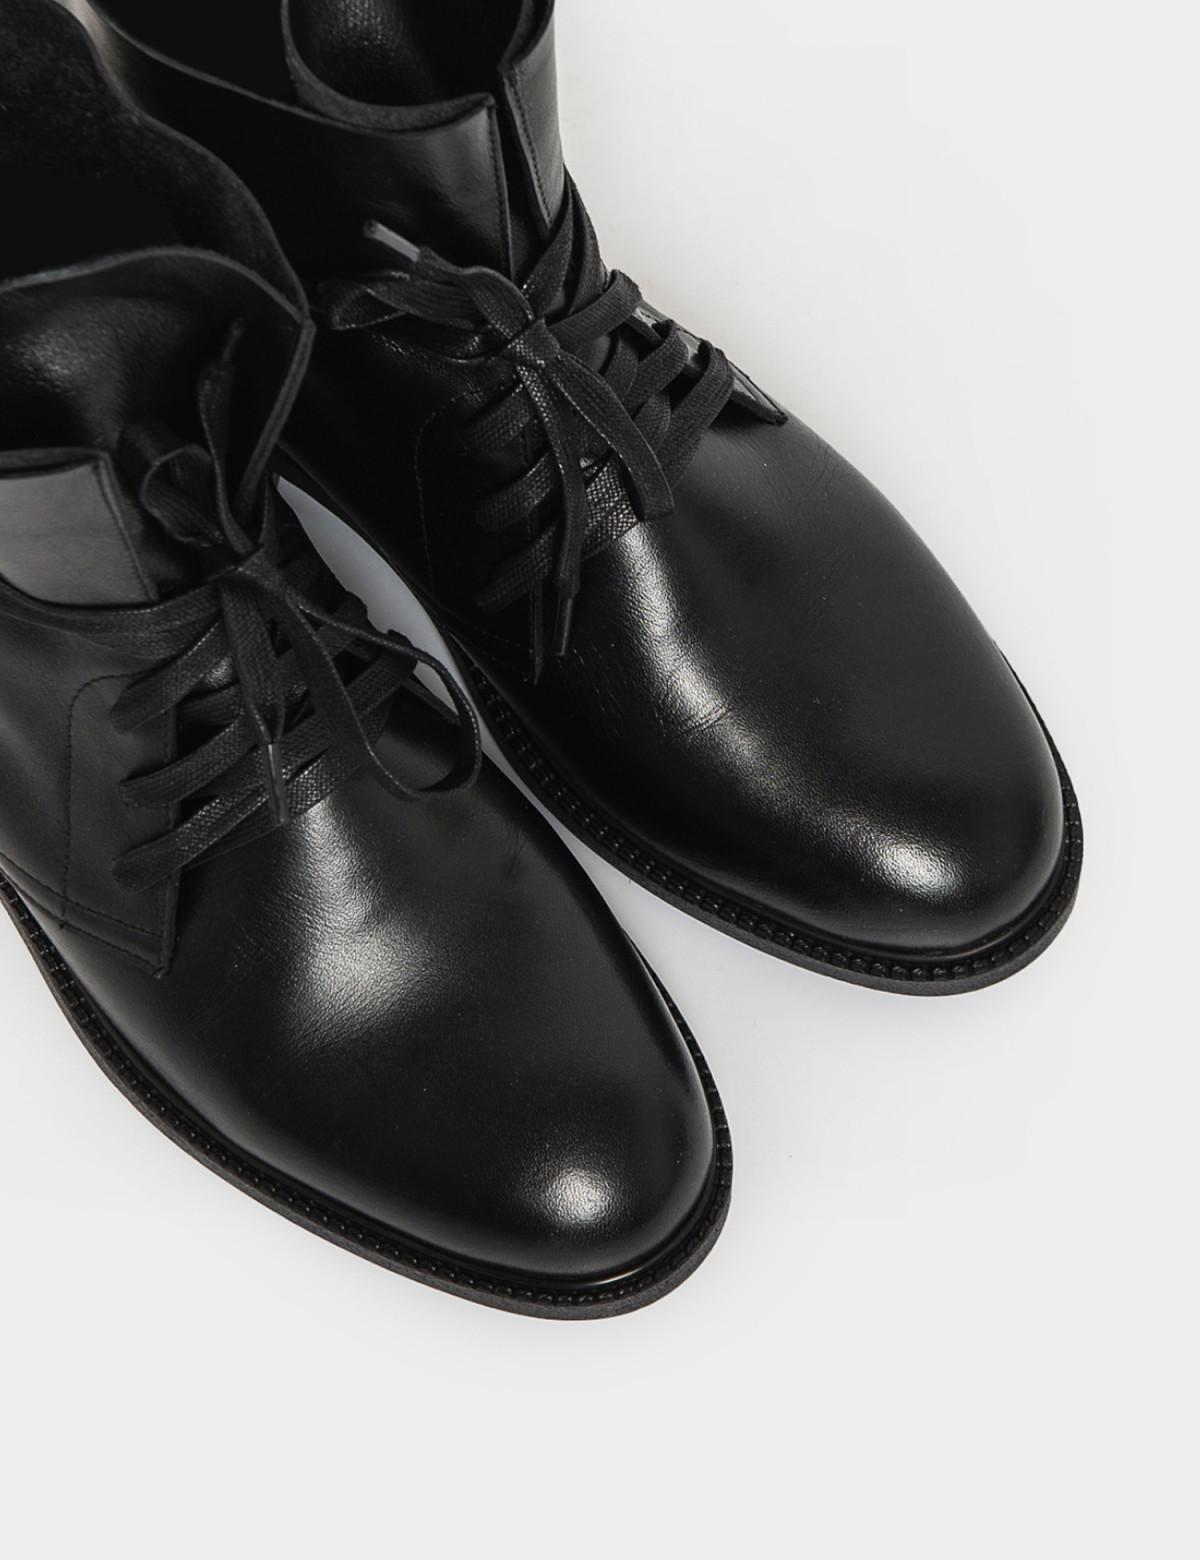 Черевики чорні. Натуральна шкіра3